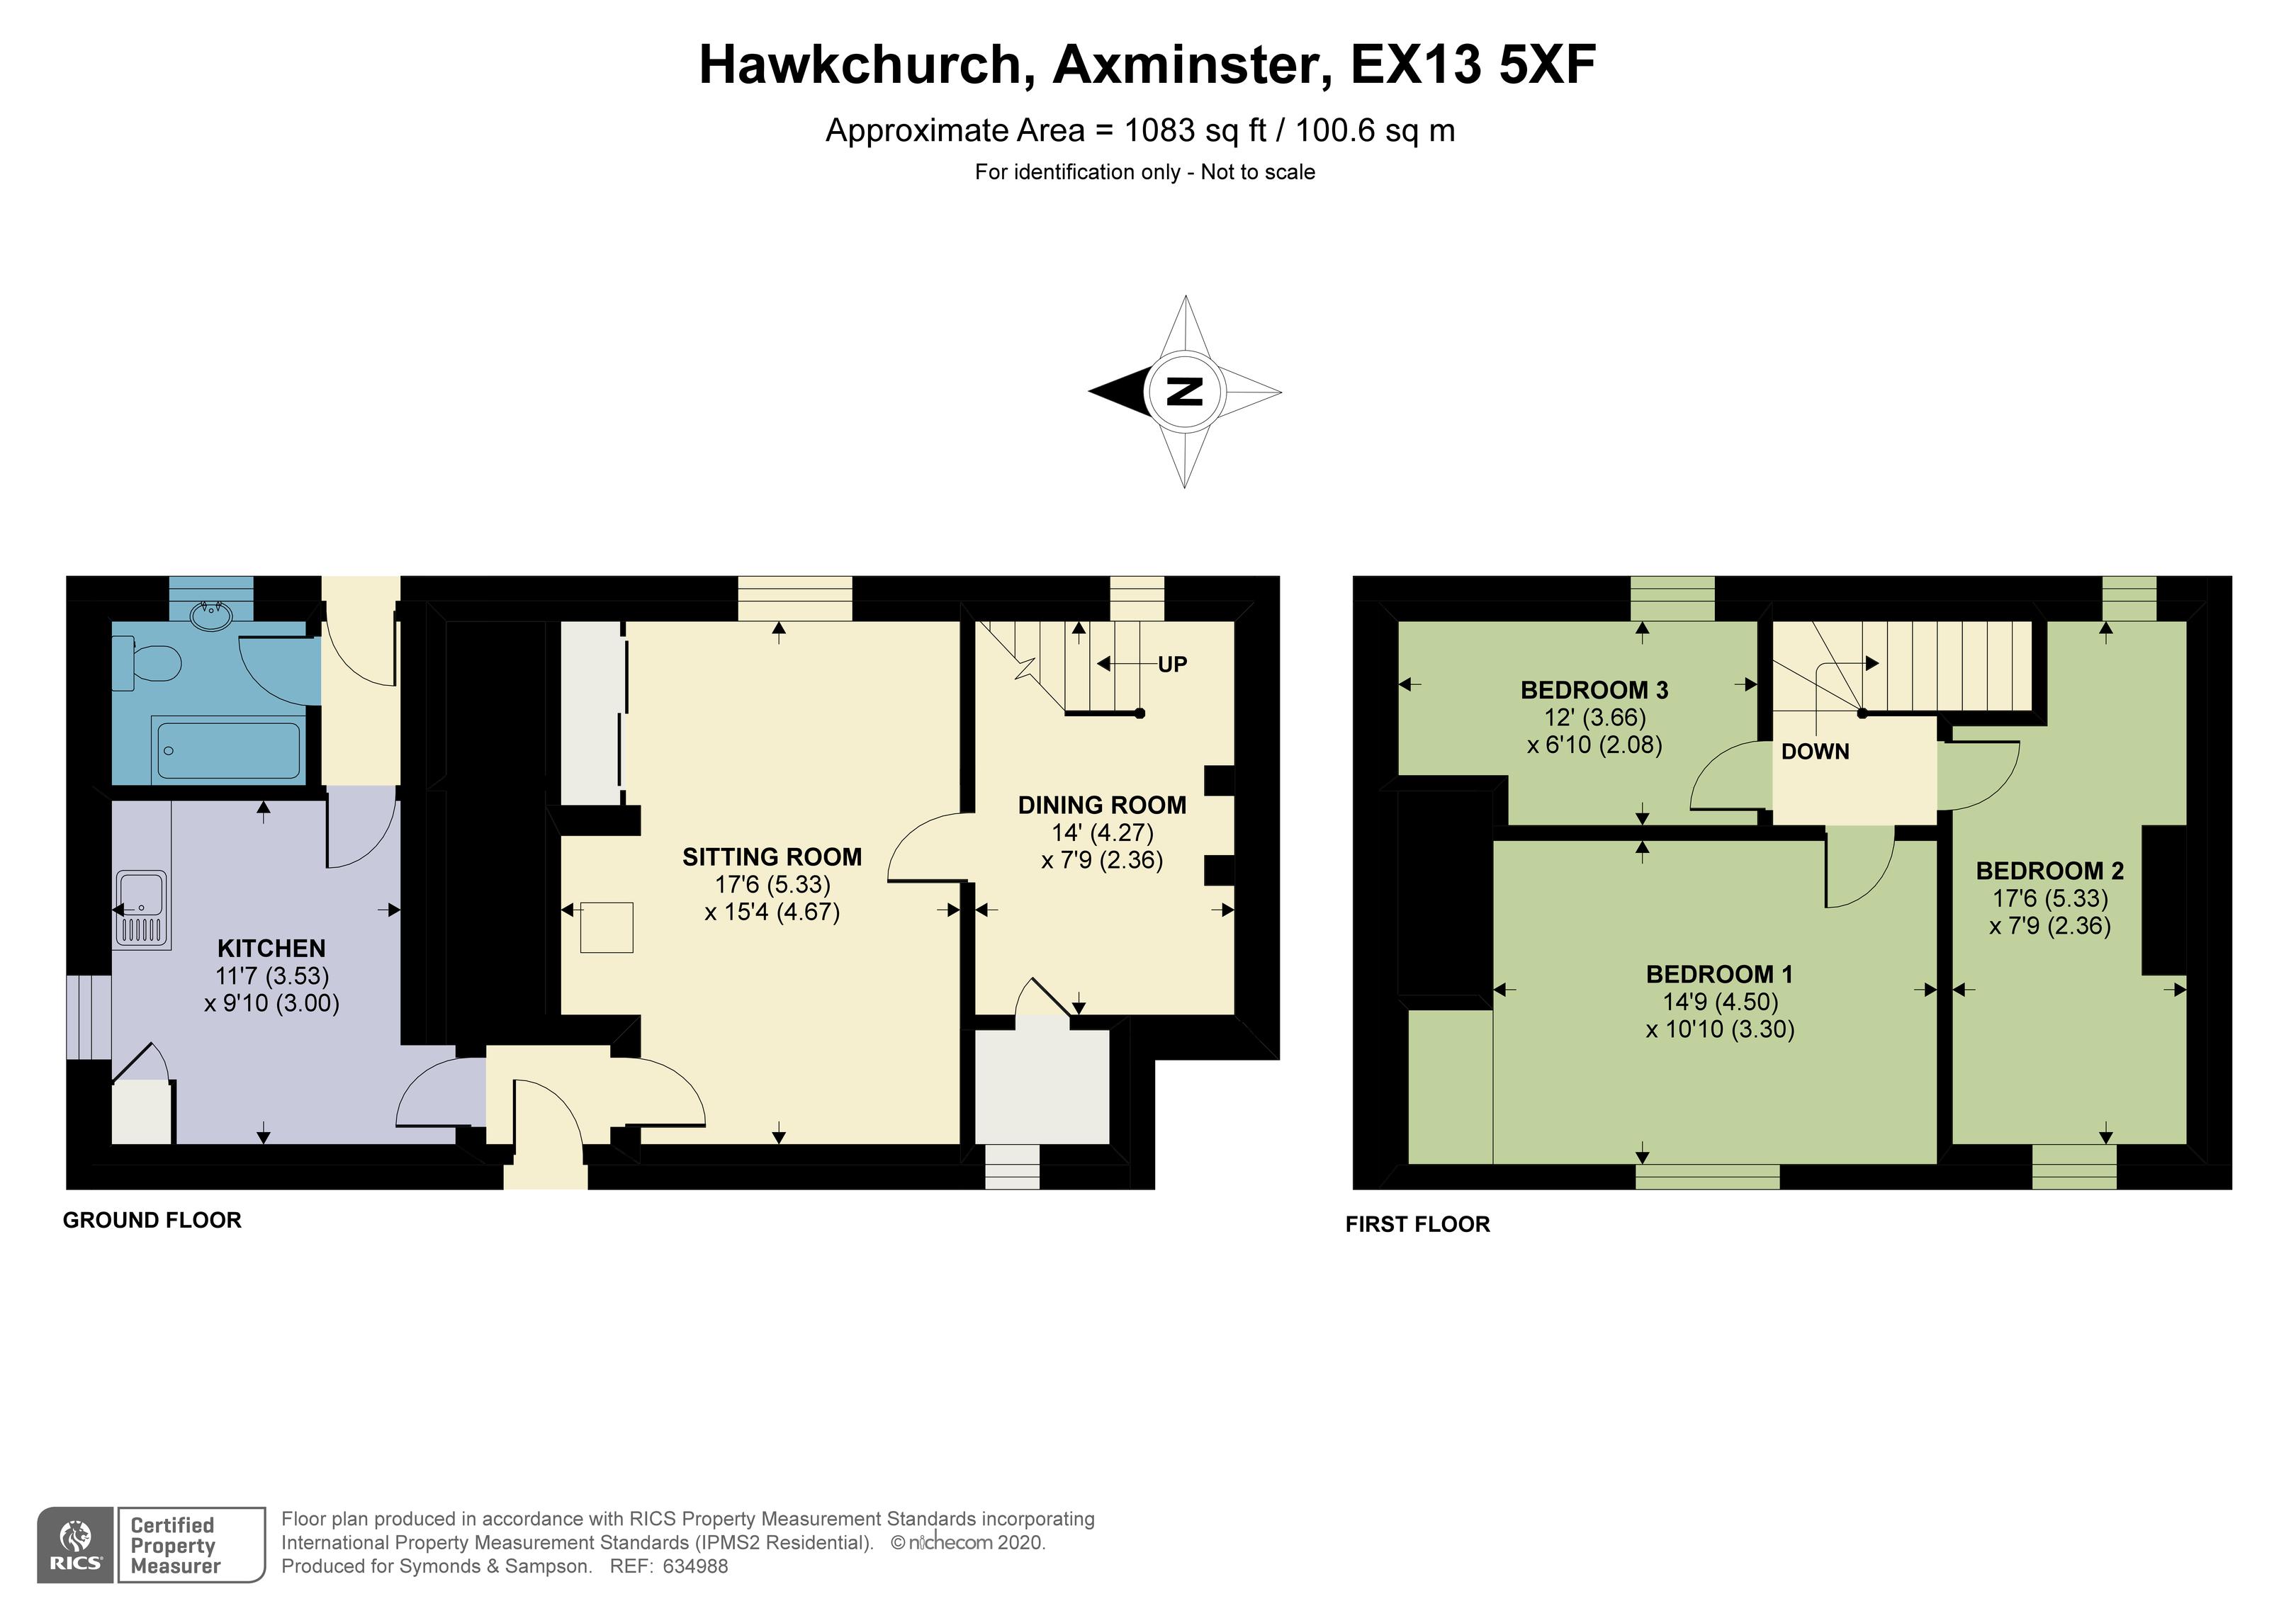 Floorplan - Courshay Farm Cottages, Hawkchurch, Axminster, Devon, EX13 5XF